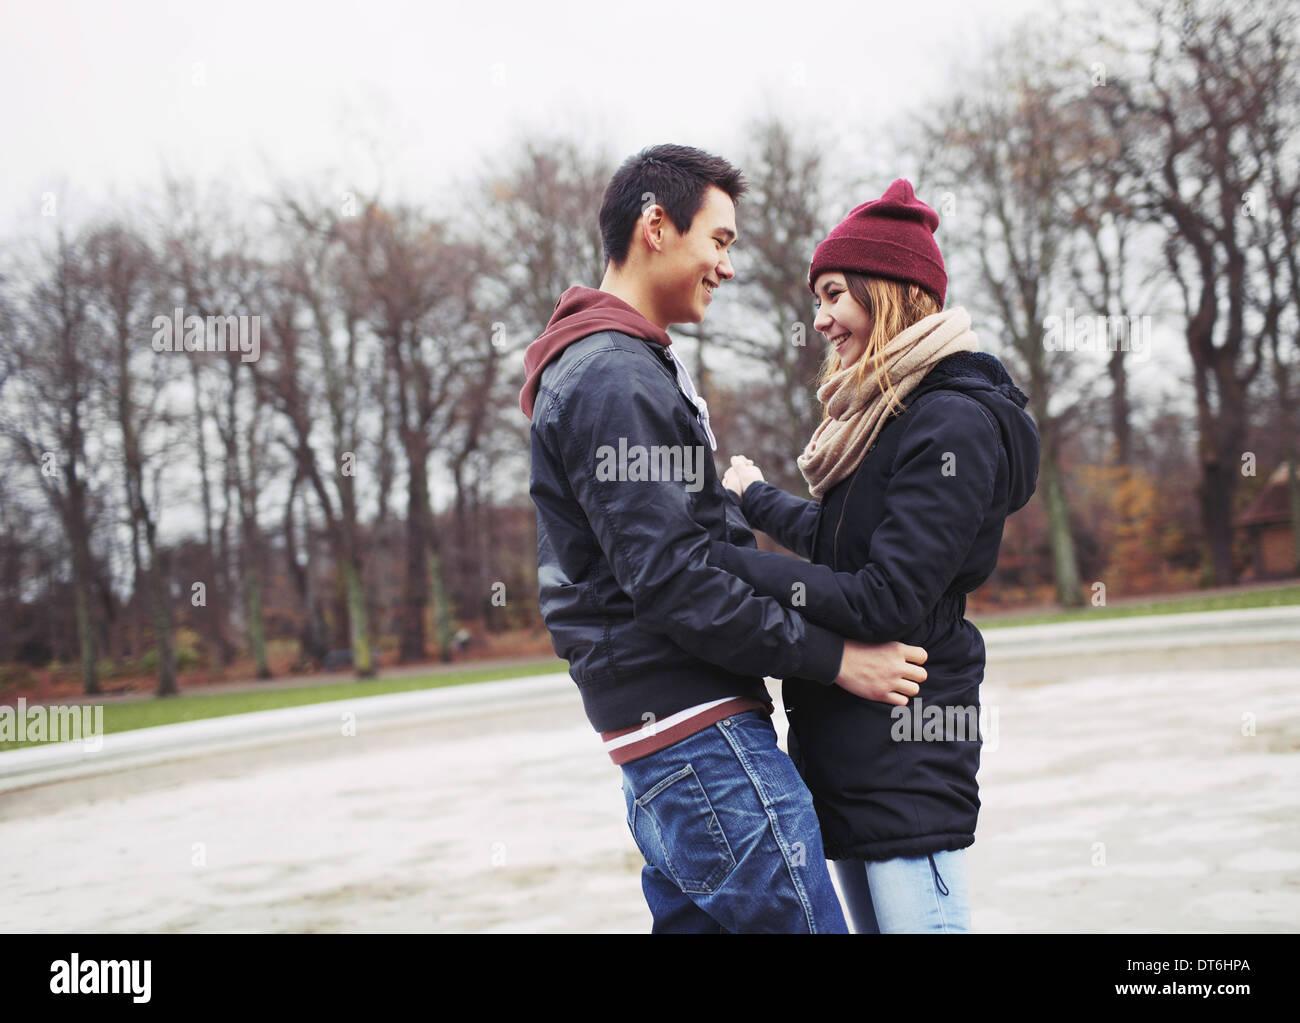 Bel giovane e bella donna insieme guardando ogni altra sorridente. Teenage razza mista matura in amore Immagini Stock